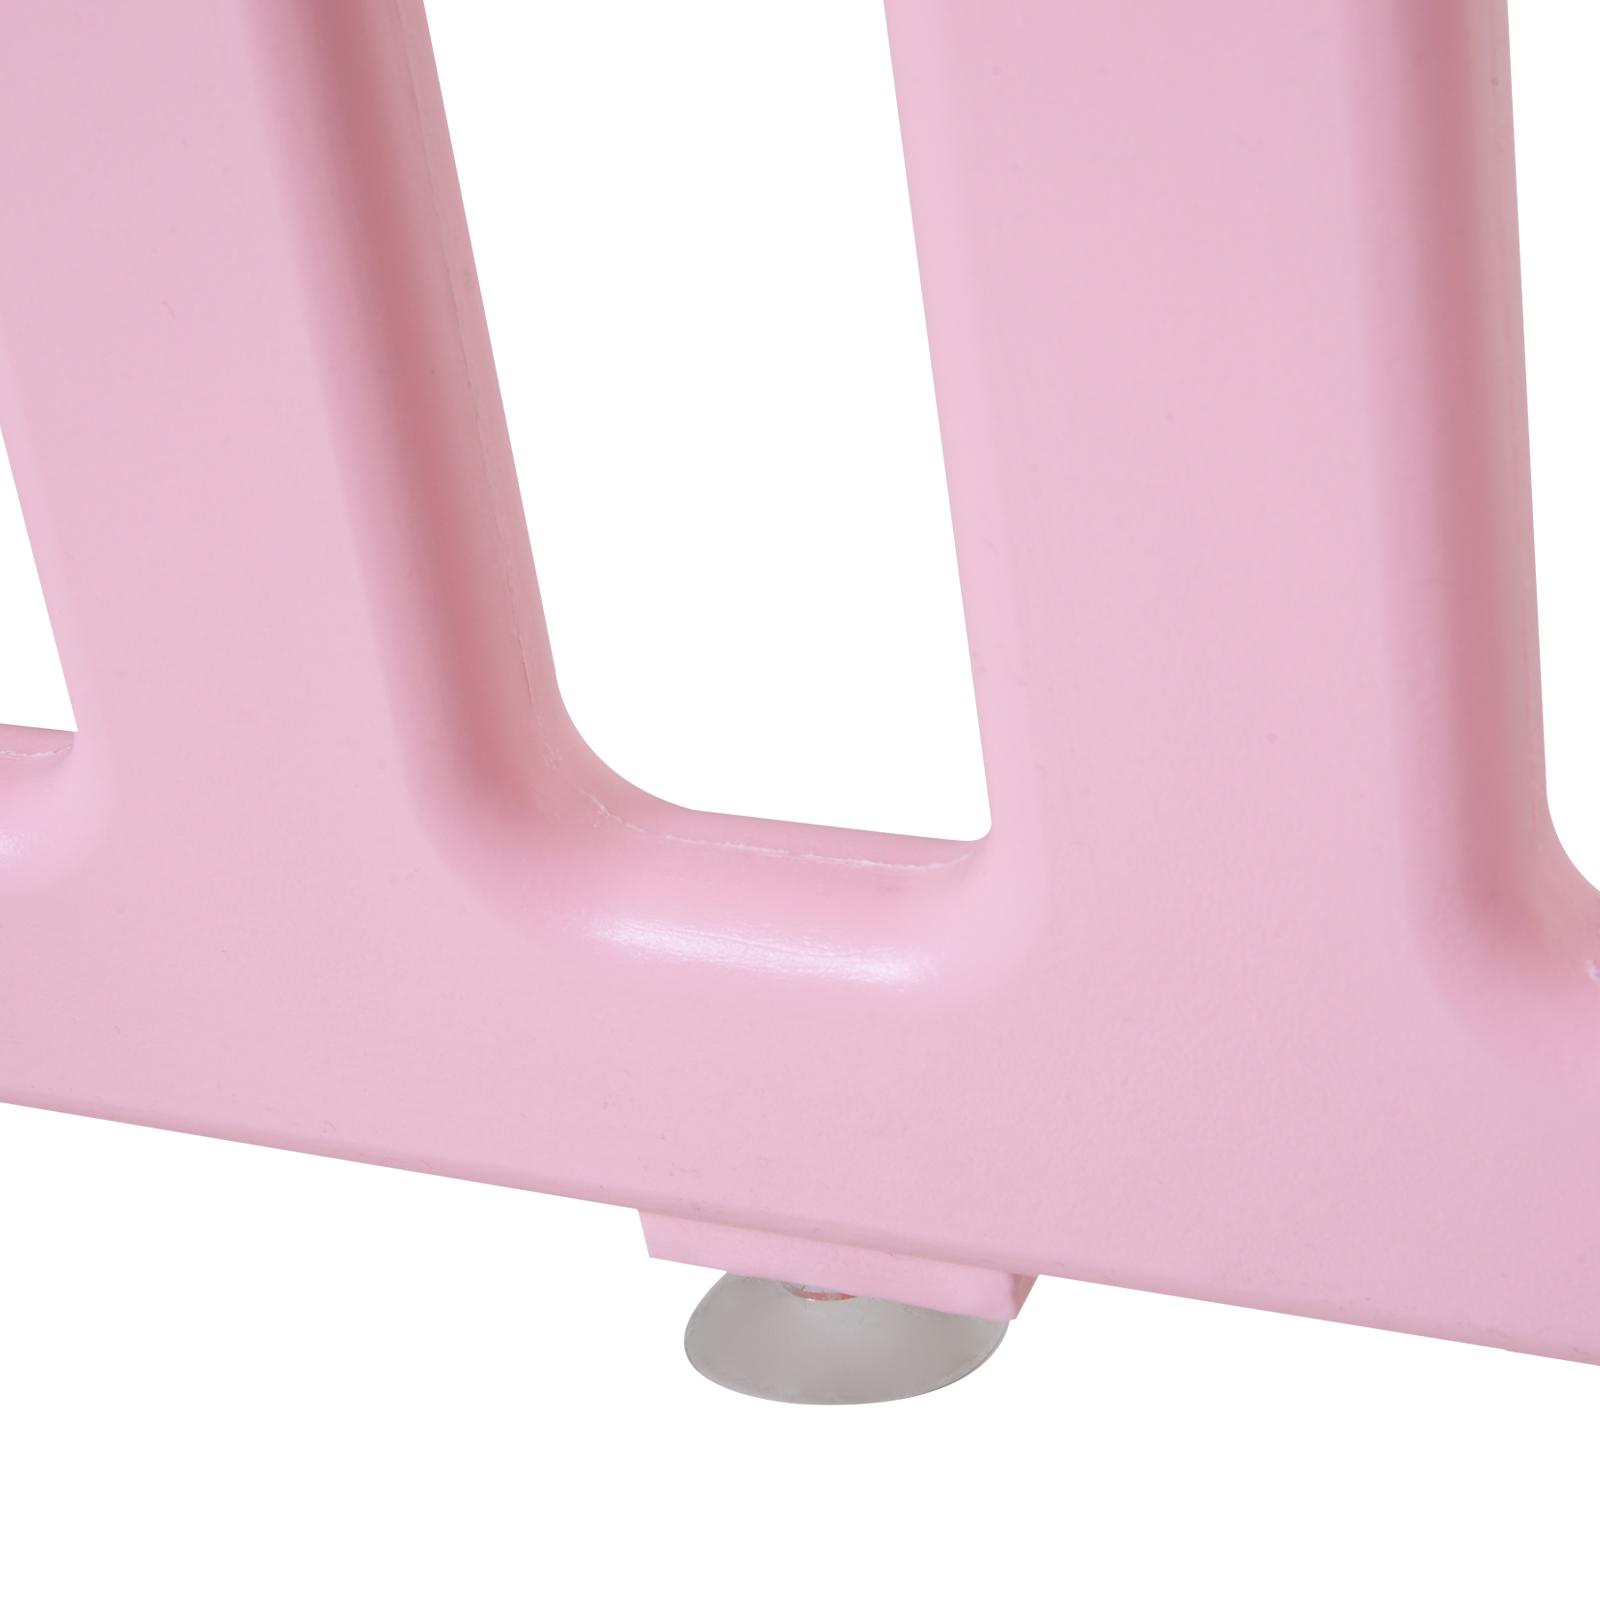 Qaba-14-Pcs-Safety-Children-Playpen-Pink-Game-Panel-Anti-Pushing-Over thumbnail 24